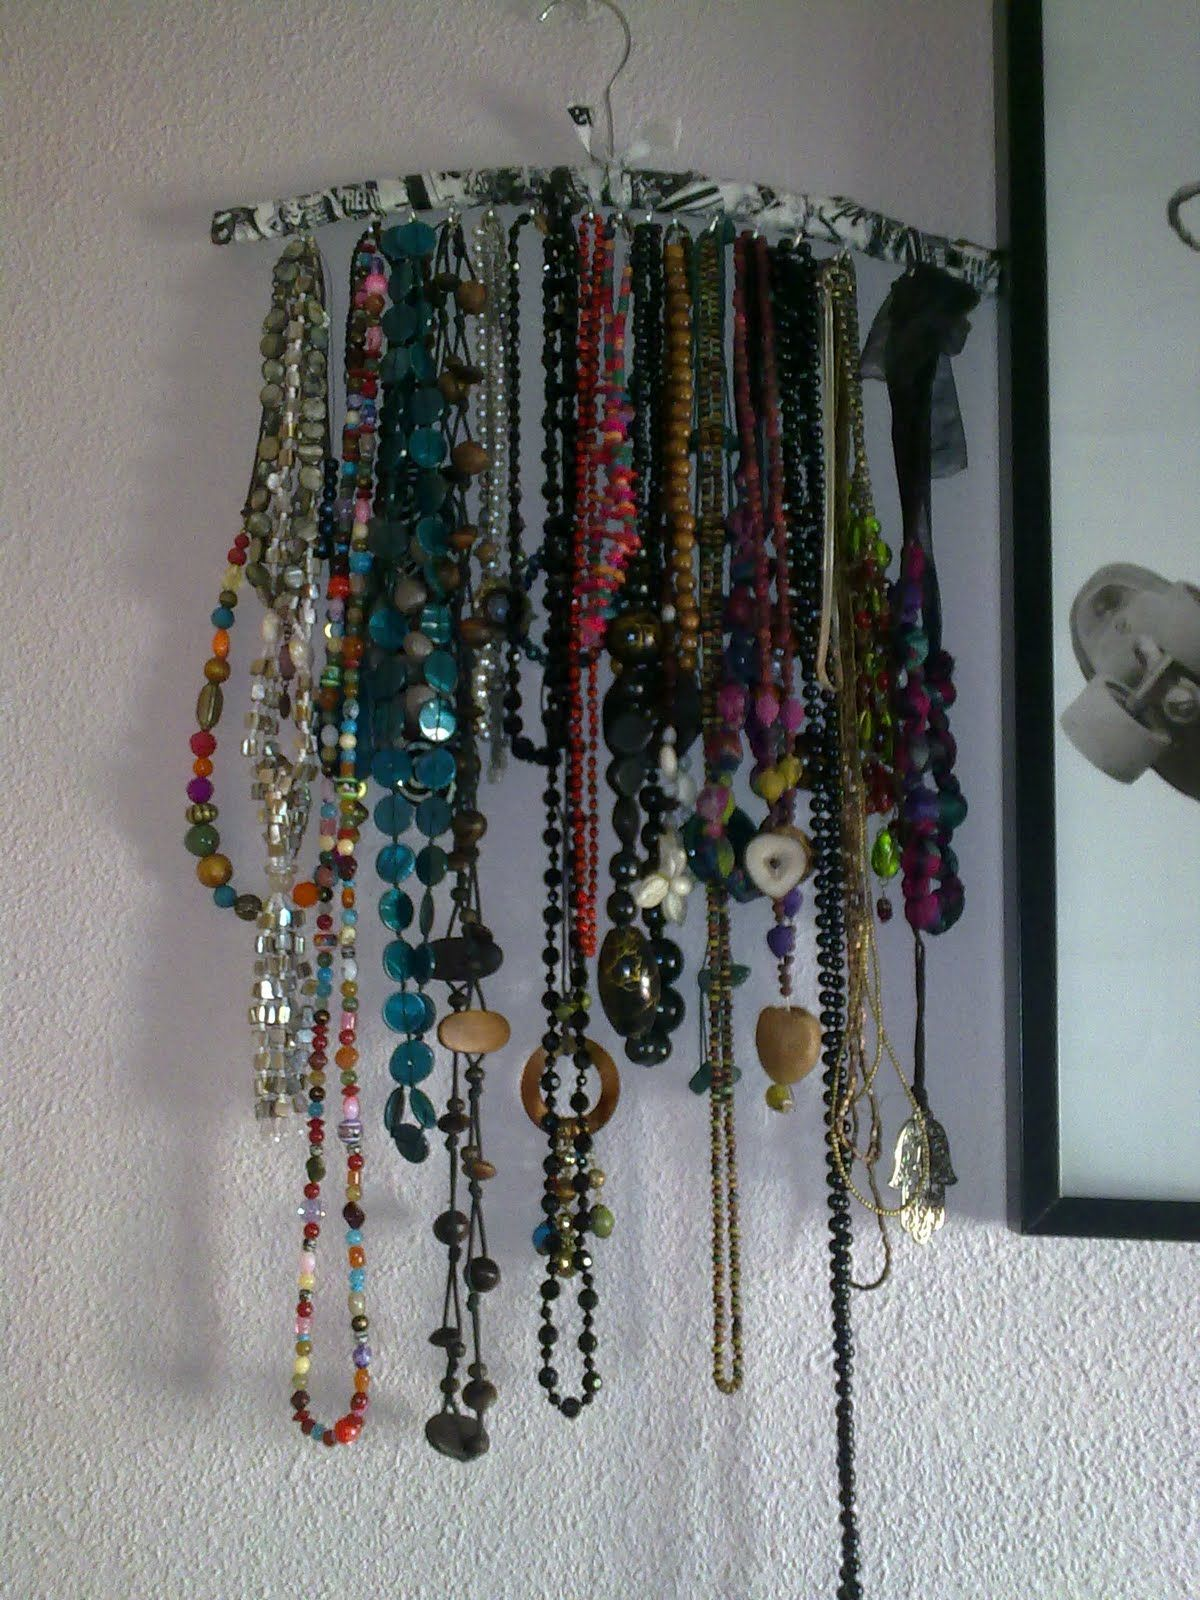 Perchero para collares decoraci n pinterest santa - Como colgar collares ...